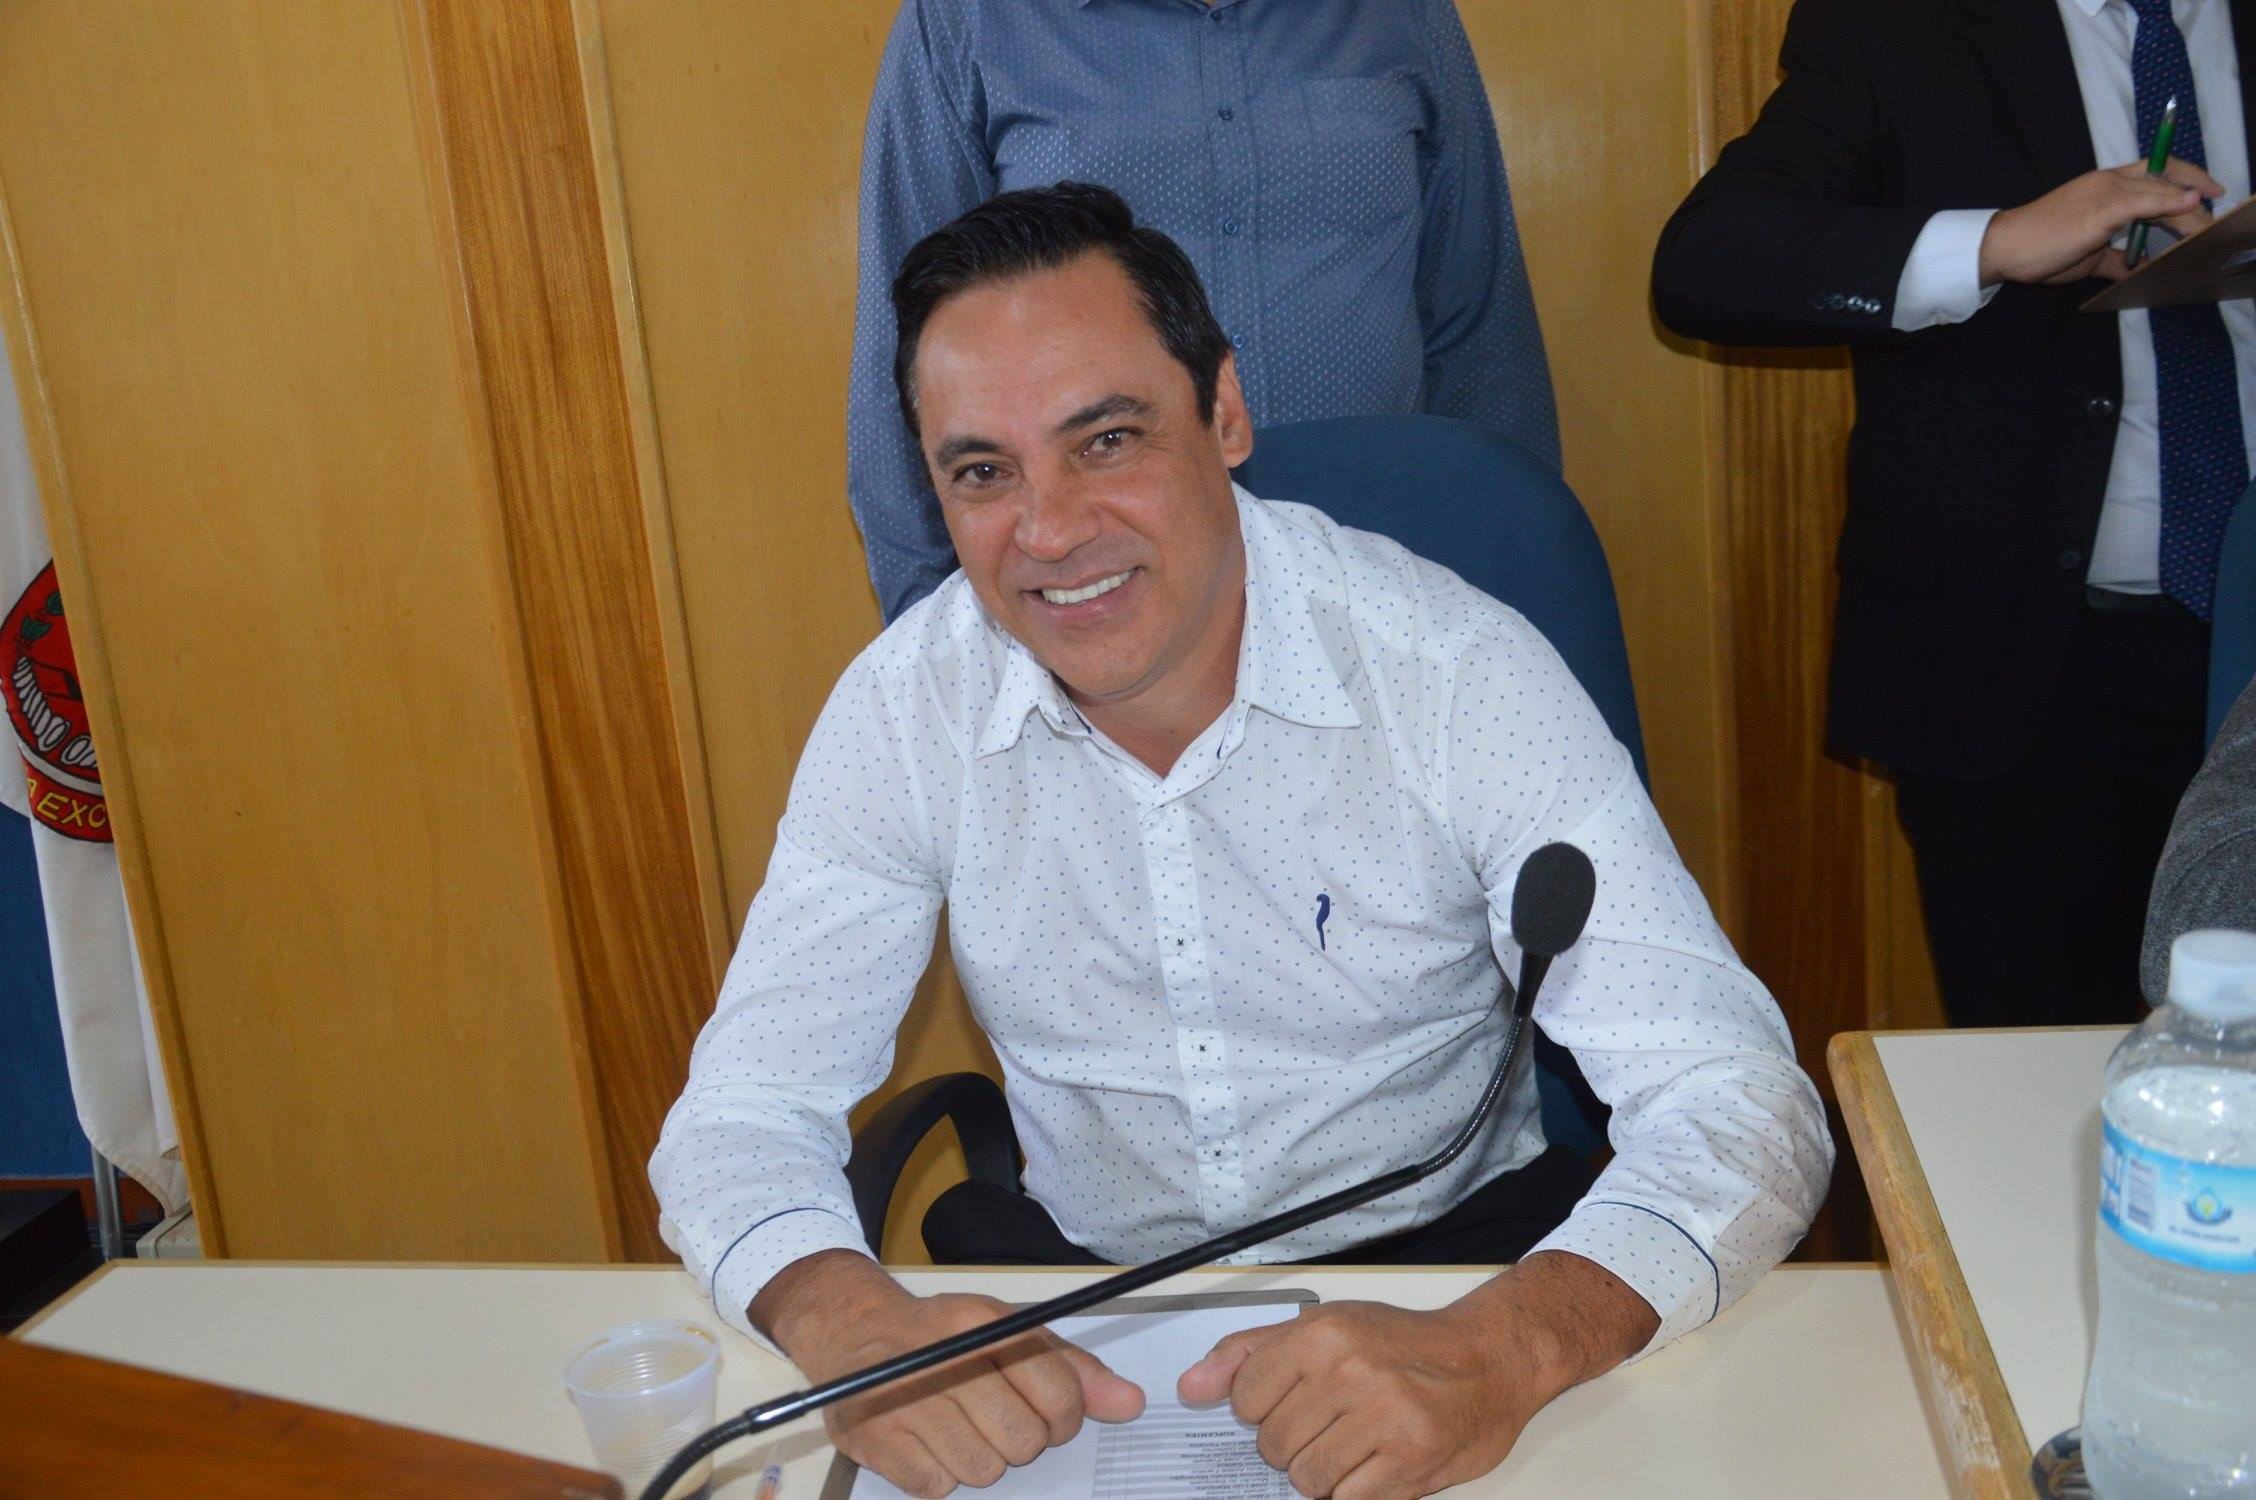 Bacana lembra que o novo presidente articulou bem sua candidatura